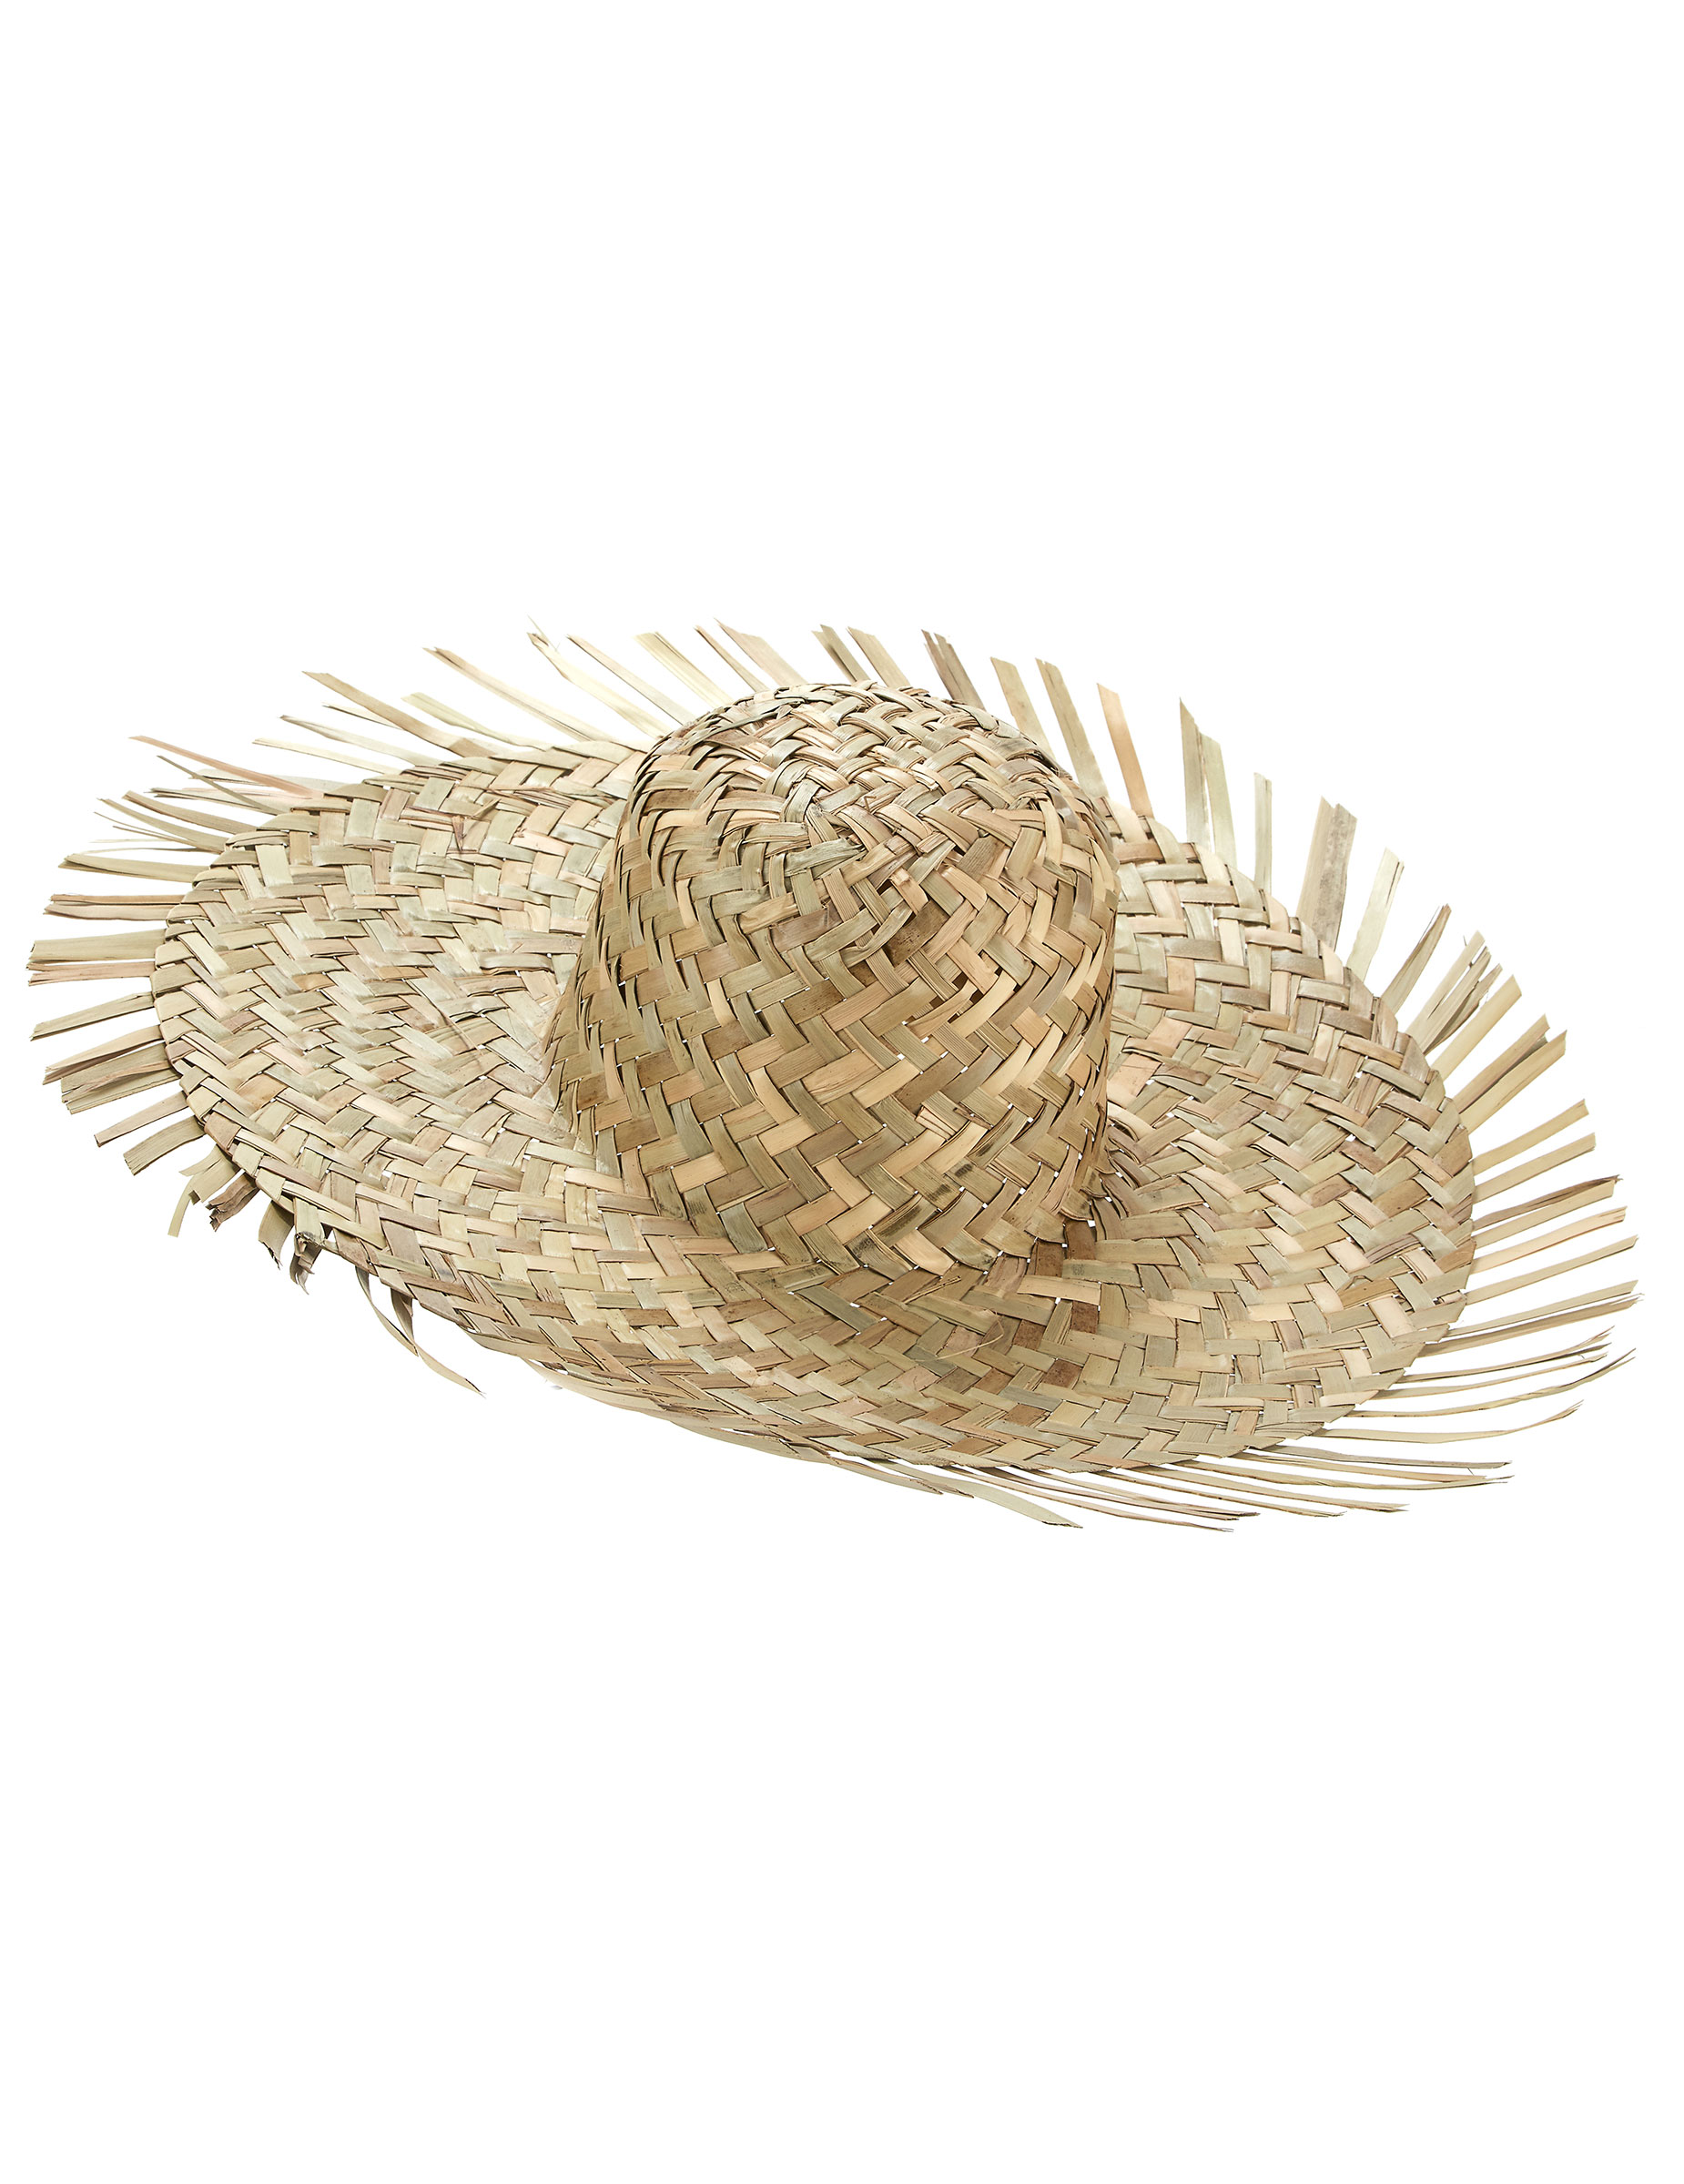 Chapeau de paille Hawaï adulte   Deguise-toi, achat de Chapeaux bcf526319a6